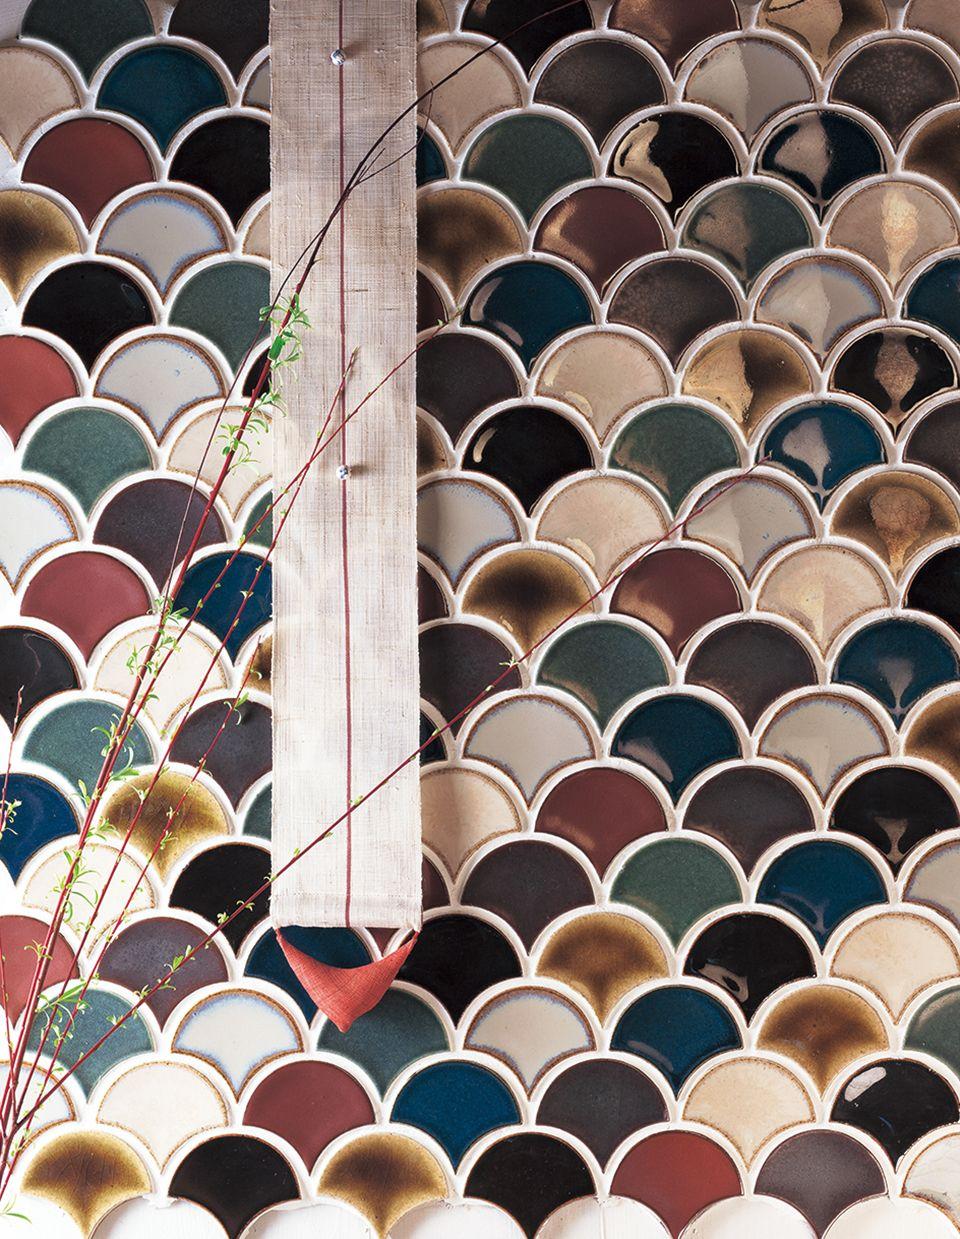 Japan Ceramic Tile Japan Seramic Tile Manufacturers Assosiation